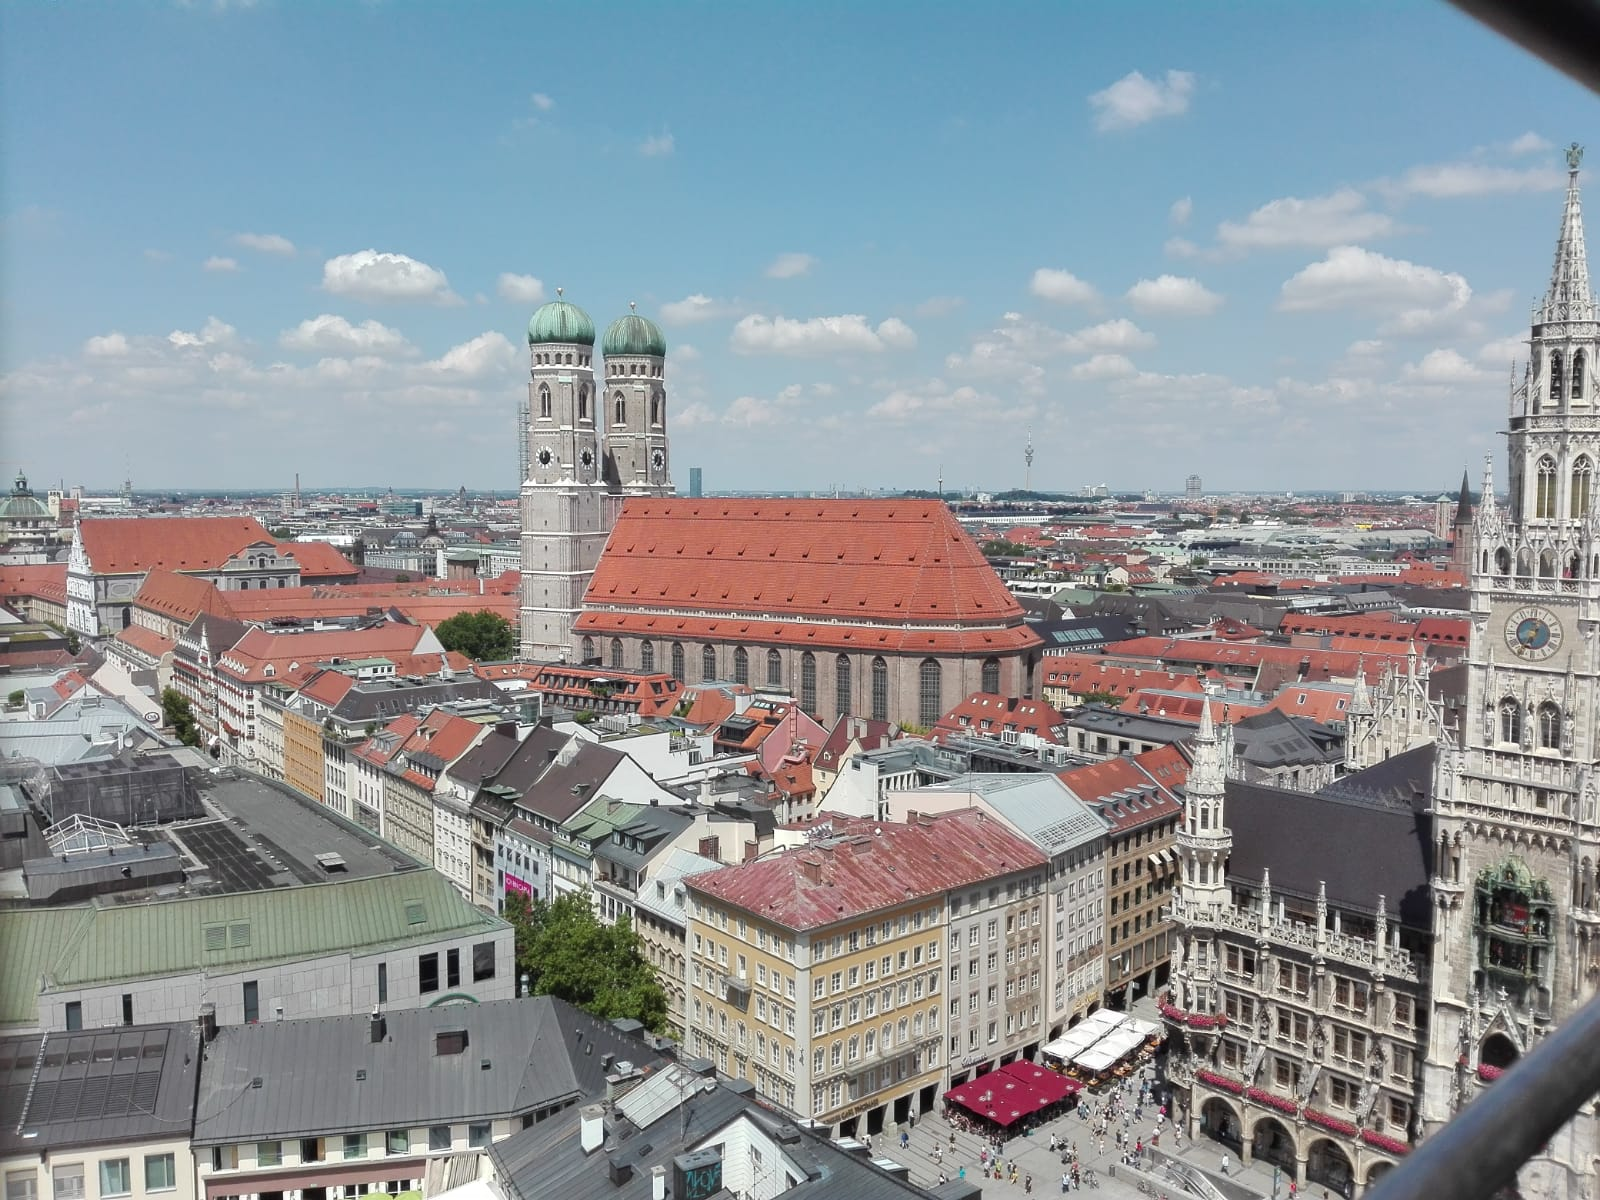 La foto mostra una veduta dall'alto della cattedrale di Monaco di Baviera, Frauenkirche. In particolare, risaltano i campanili con cupole a cipolla.